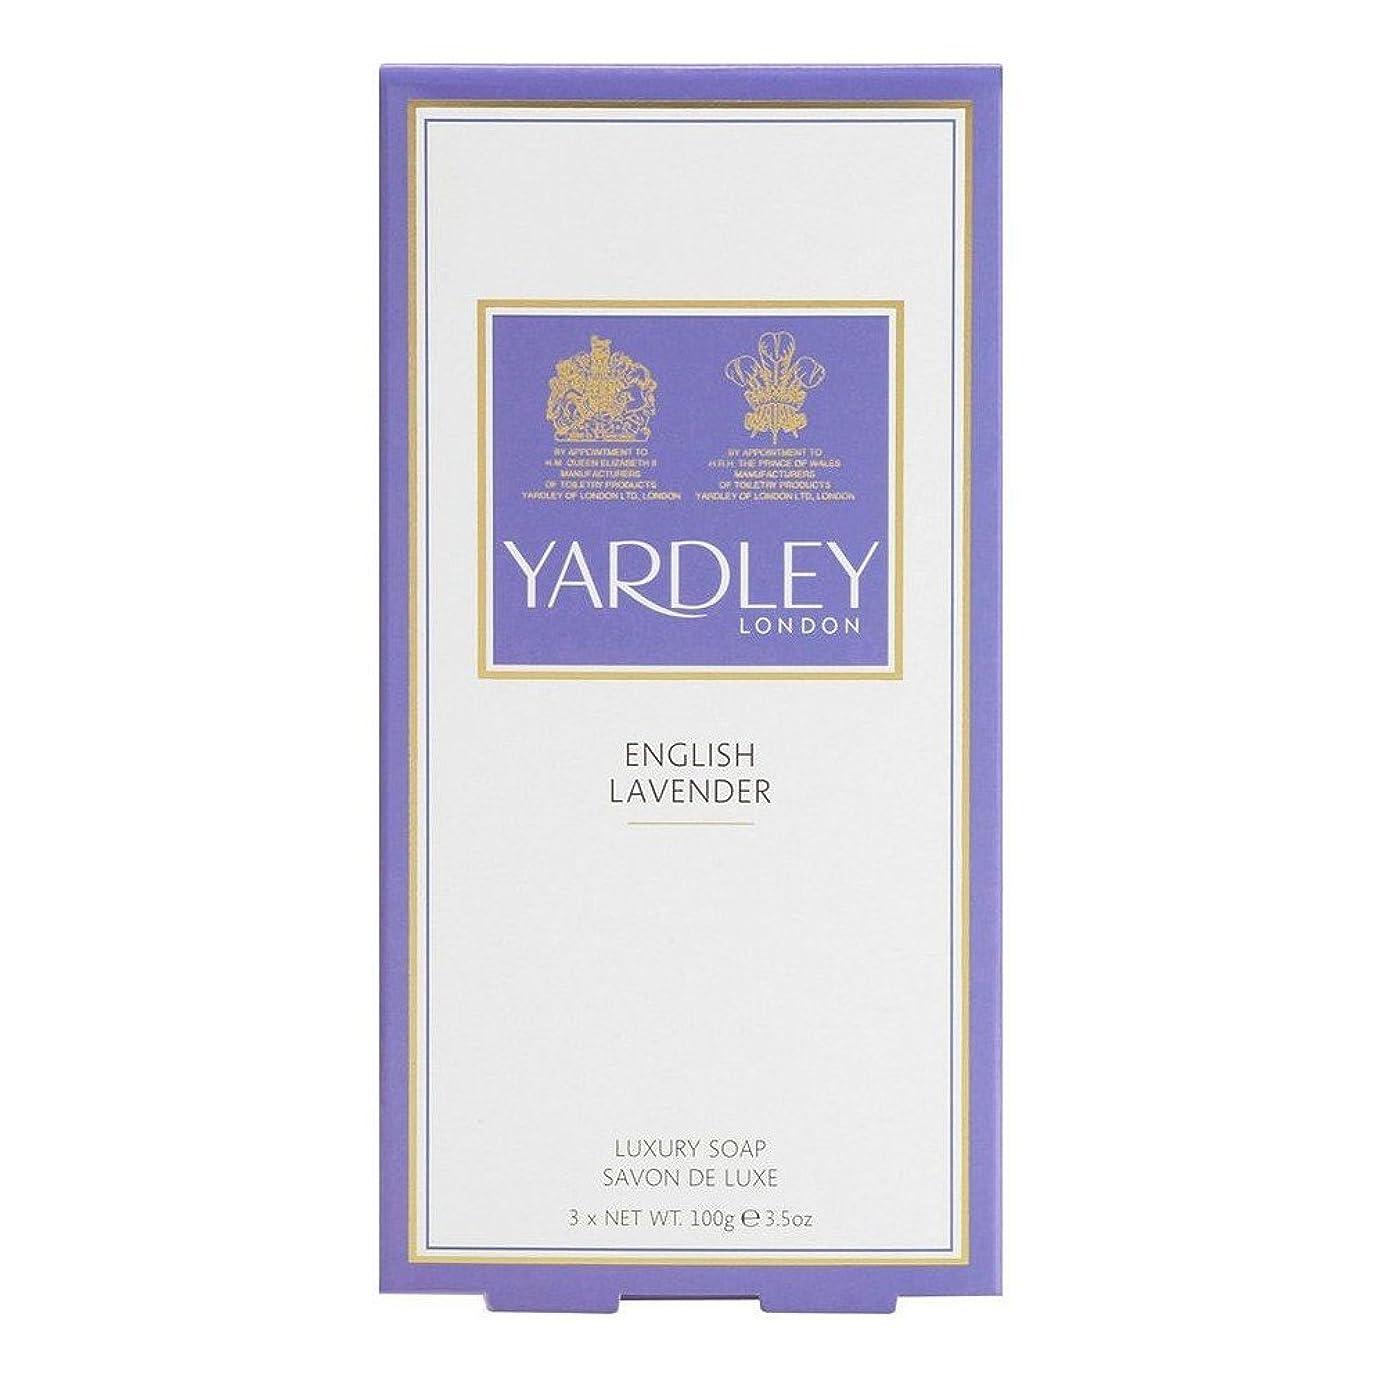 図書館日腰Yardley London English Lavender Soaps (3x100g) ヤードリーロンドン英語ラベンダー石鹸( 3X100G ) [並行輸入品]